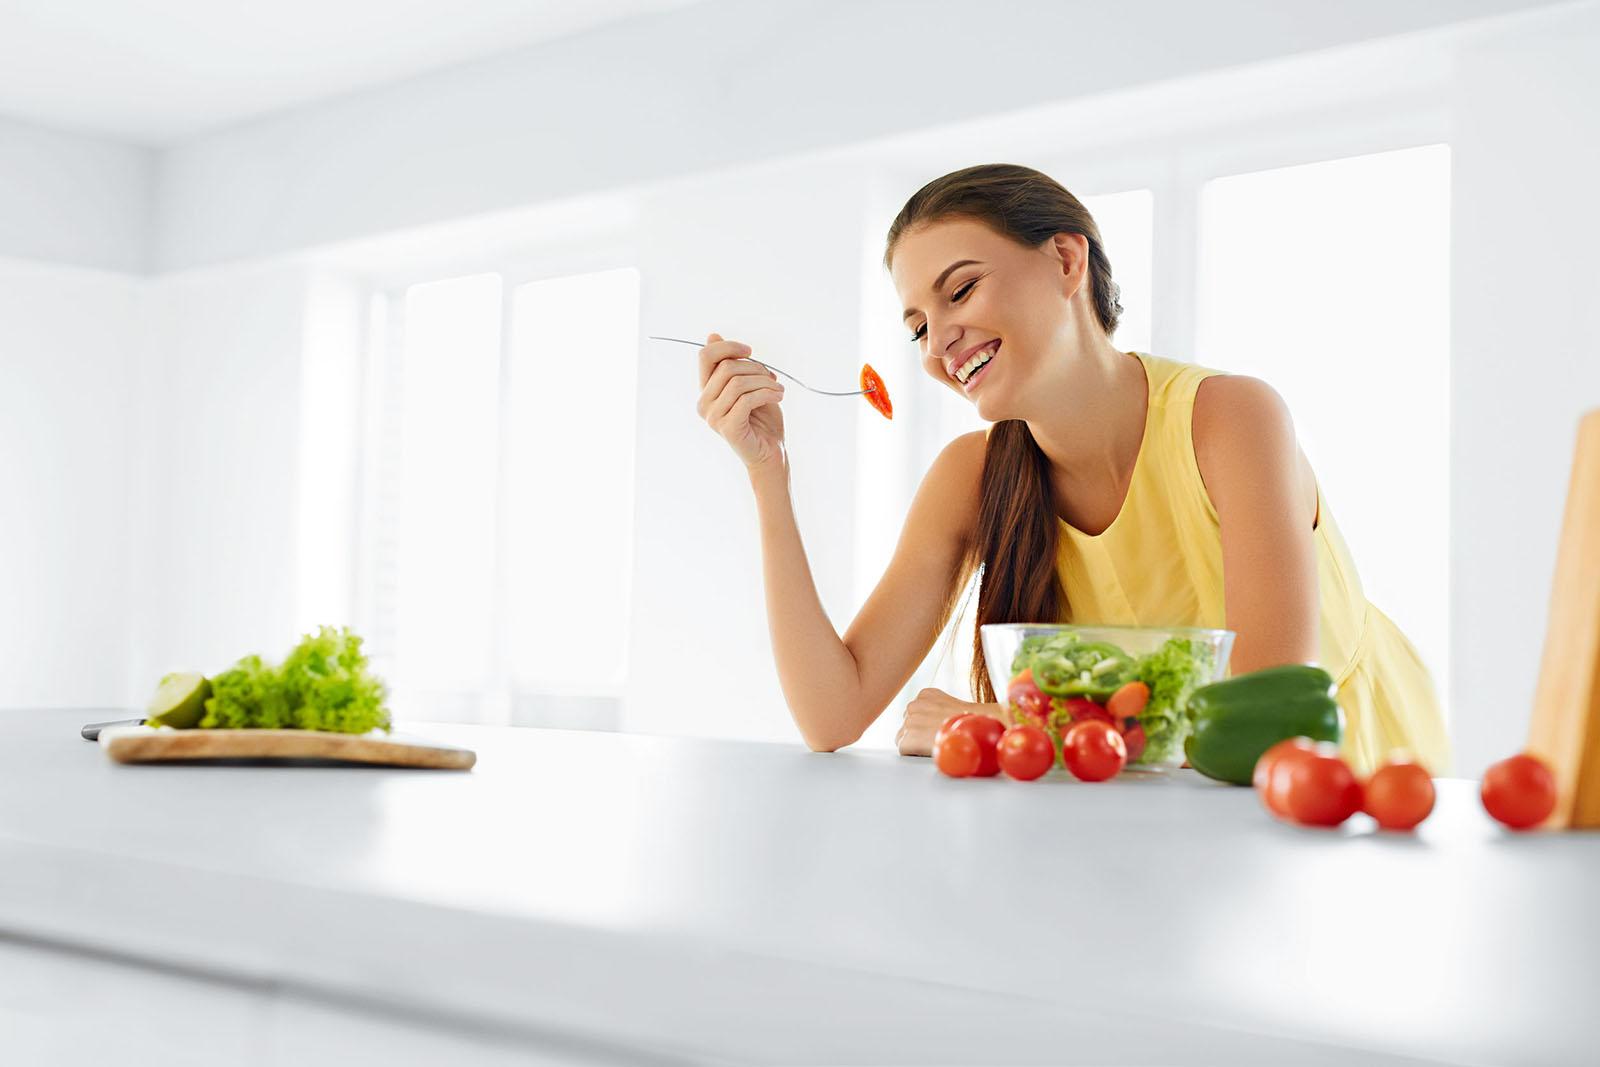 Corinne Fernandez, Diététique & Nutrition